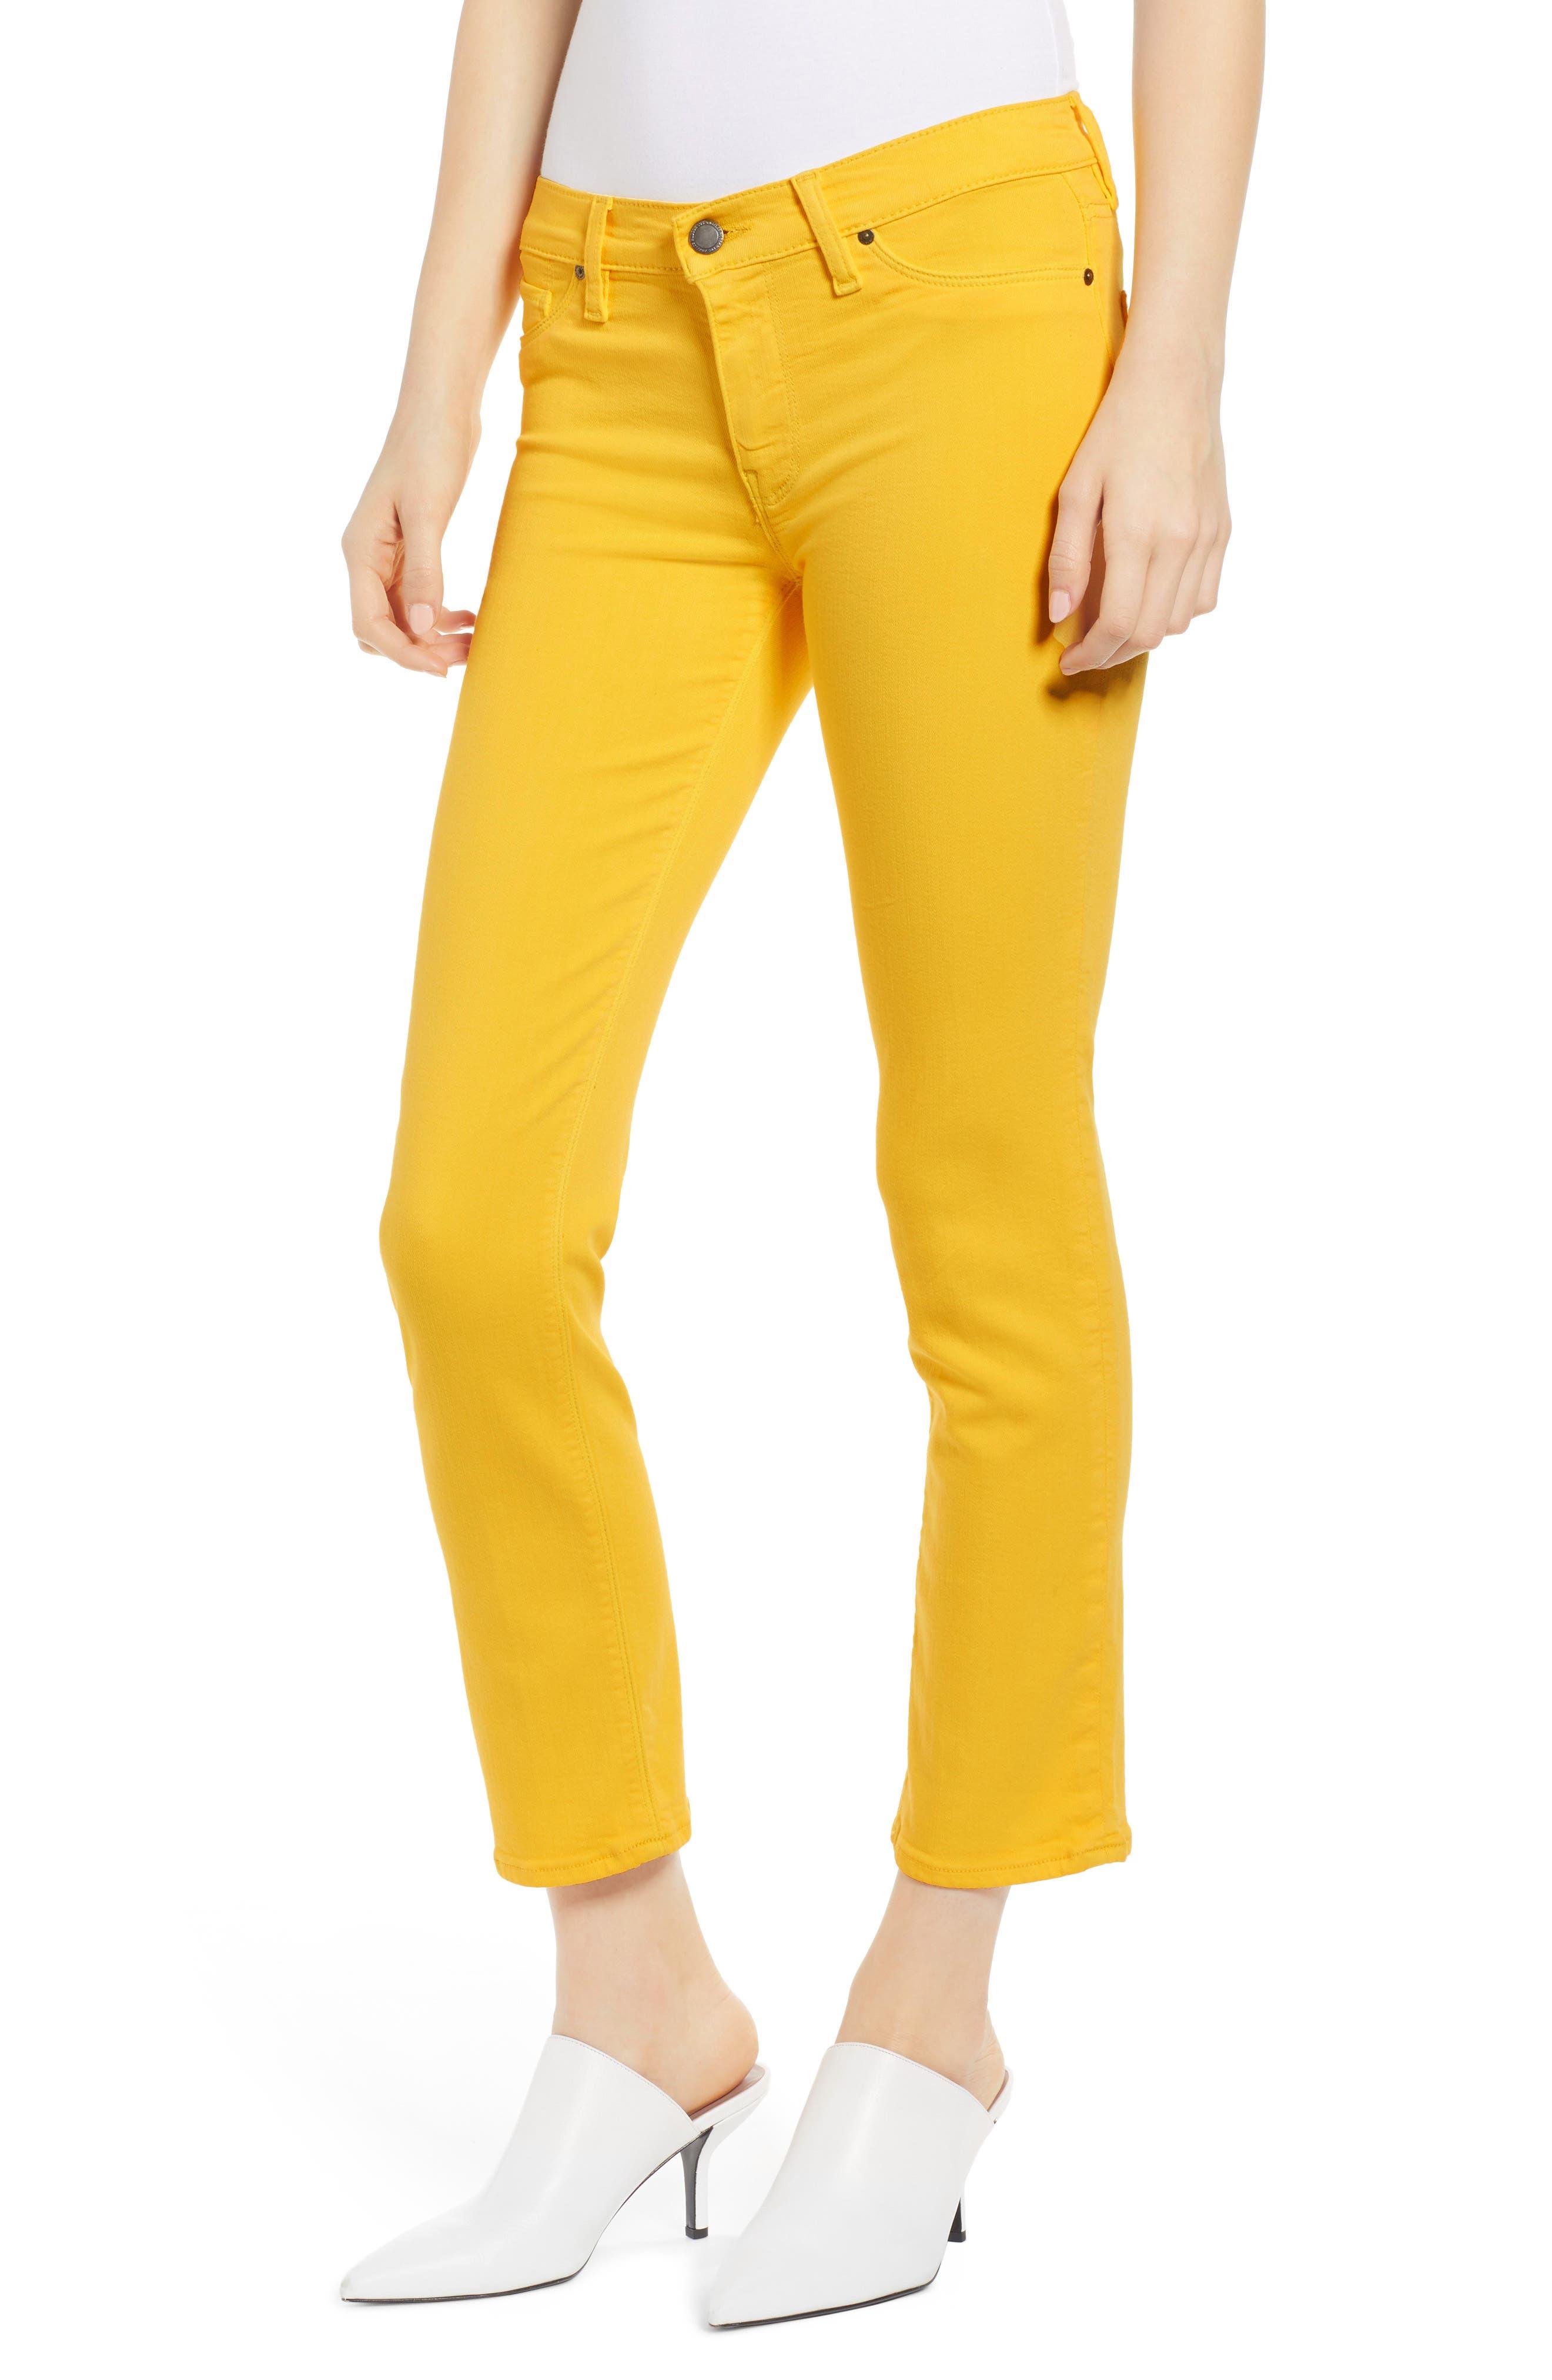 HUDSON JEANS, Hudson Ankle Straight Leg Jeans, Main thumbnail 1, color, STARBURST